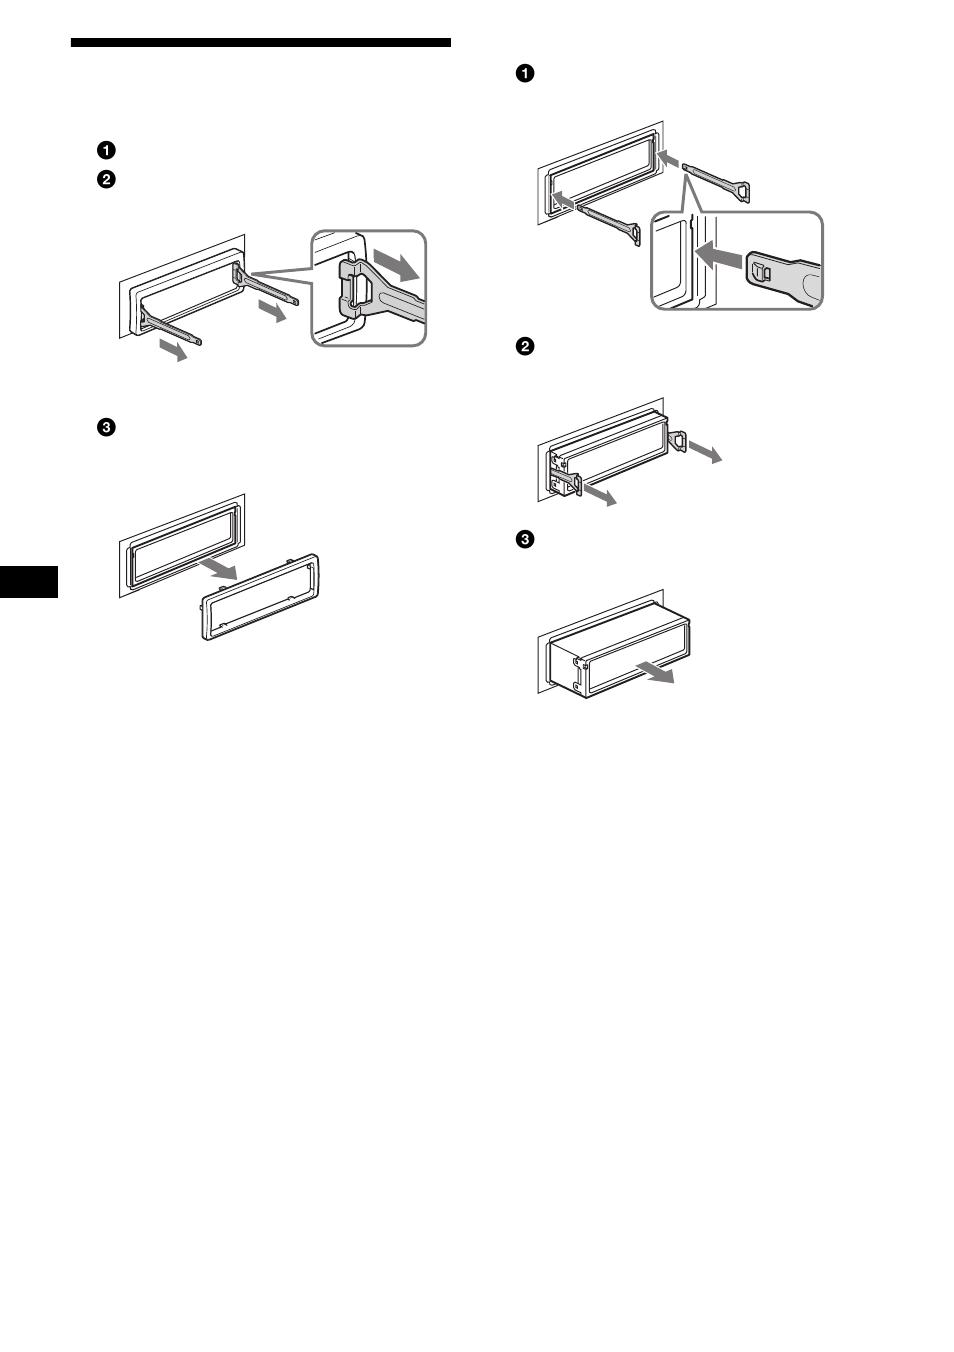 hight resolution of extracci n de la unidad 26 extracci n de la unidad sony cdx fw700 user